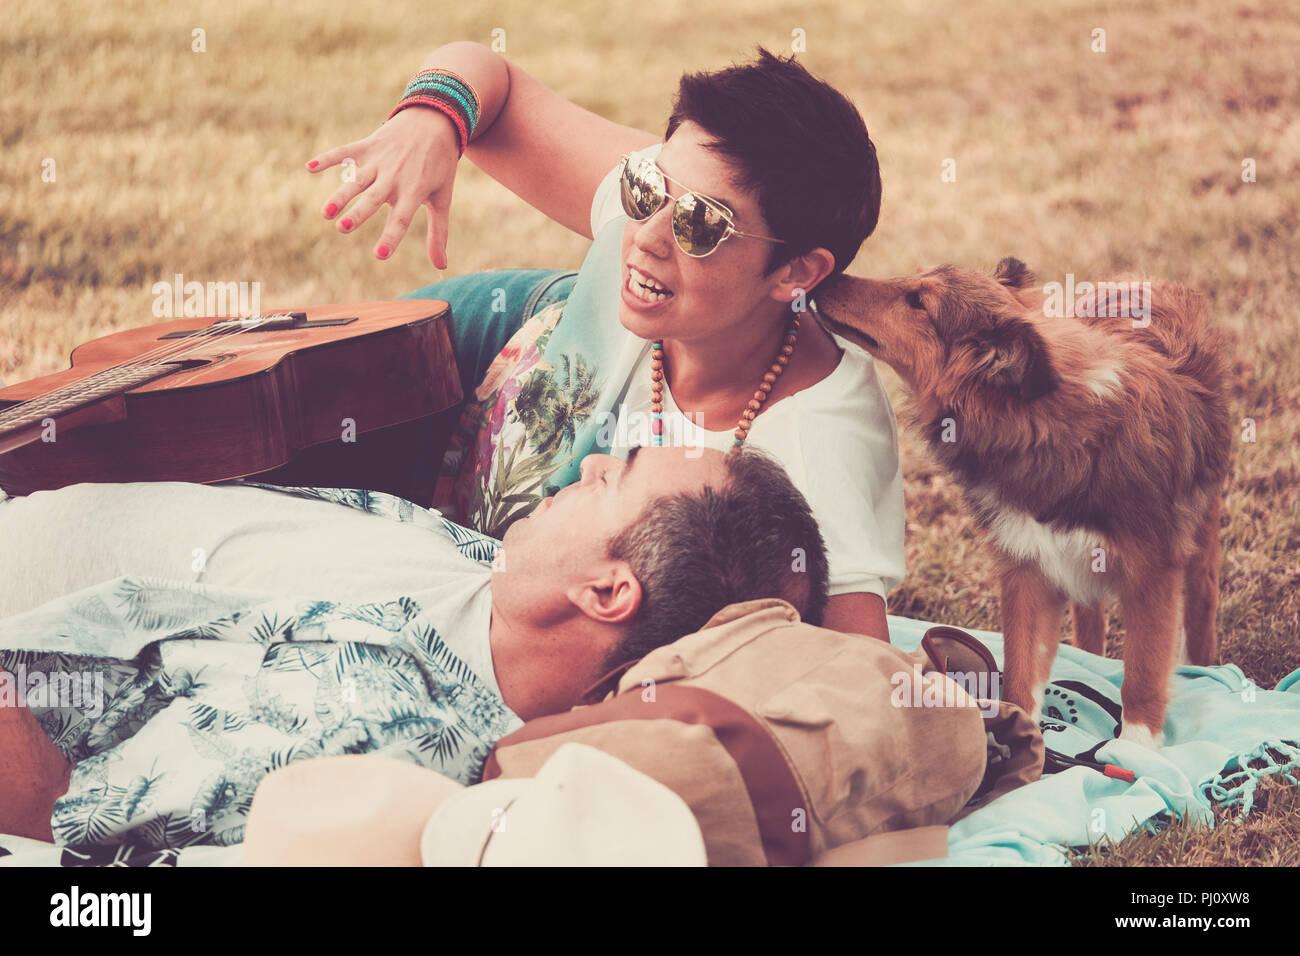 Scène romantique vintage avec jeune belle femme et l'homme s'étendit sur l'herbe profitant du jour. peu jeune animal shetland embrasser un pacifique hippy. Banque D'Images